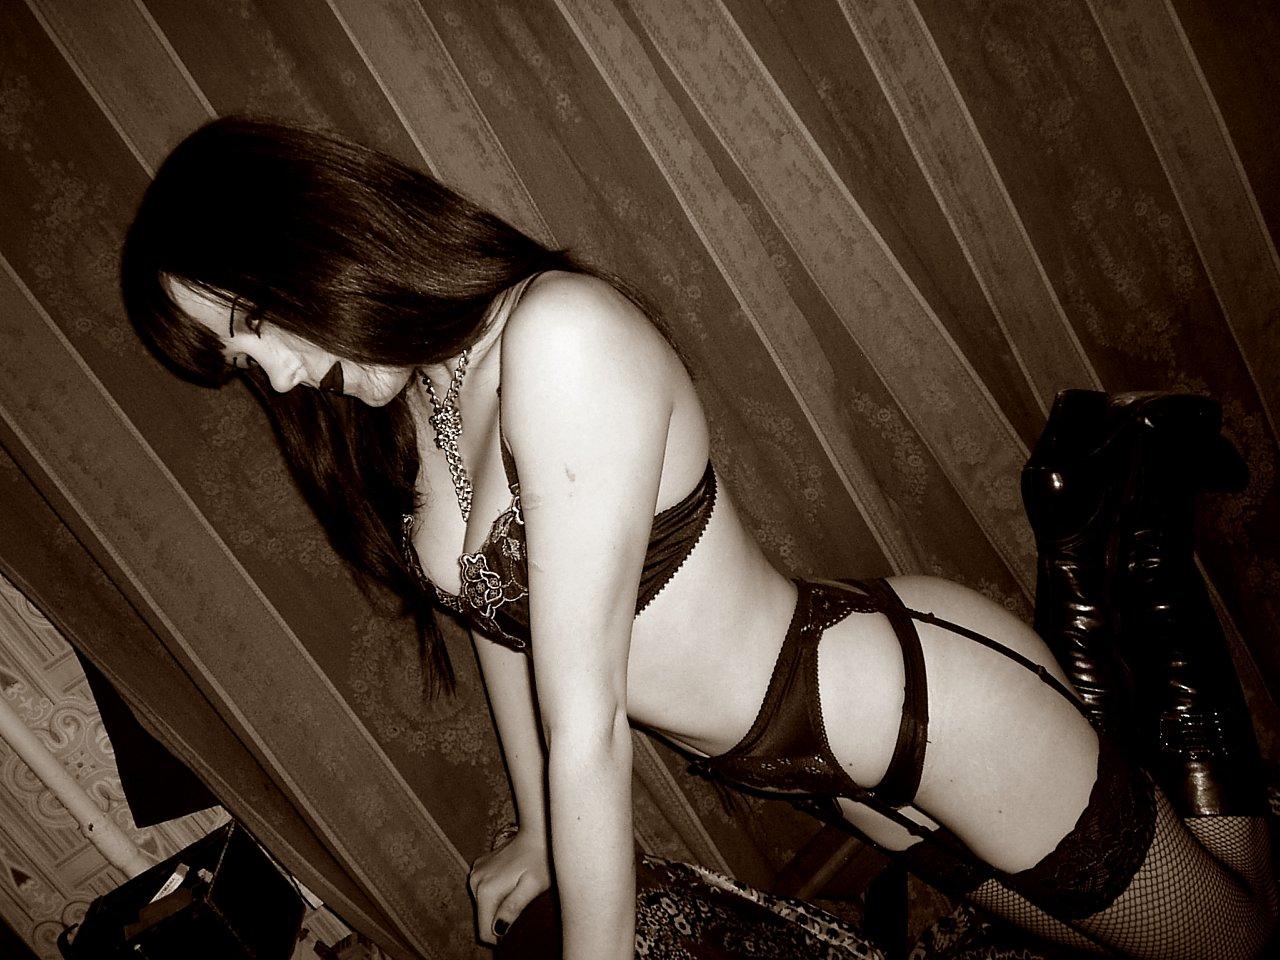 Рабыни для сексуальных утех 9 фотография